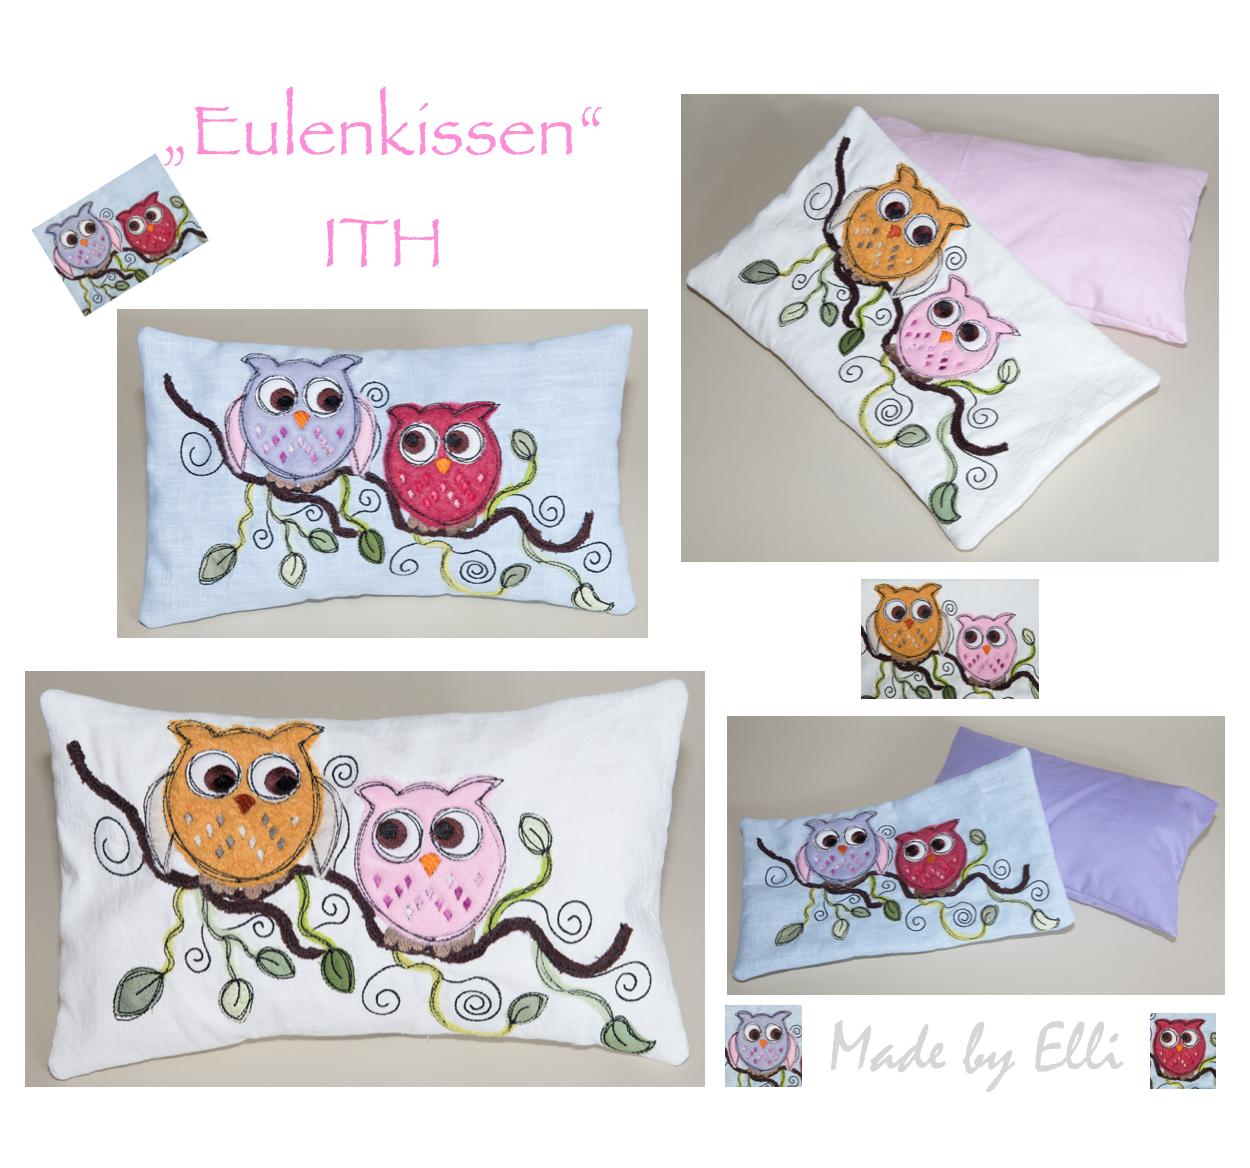 Eulenkissen iTH 30x18